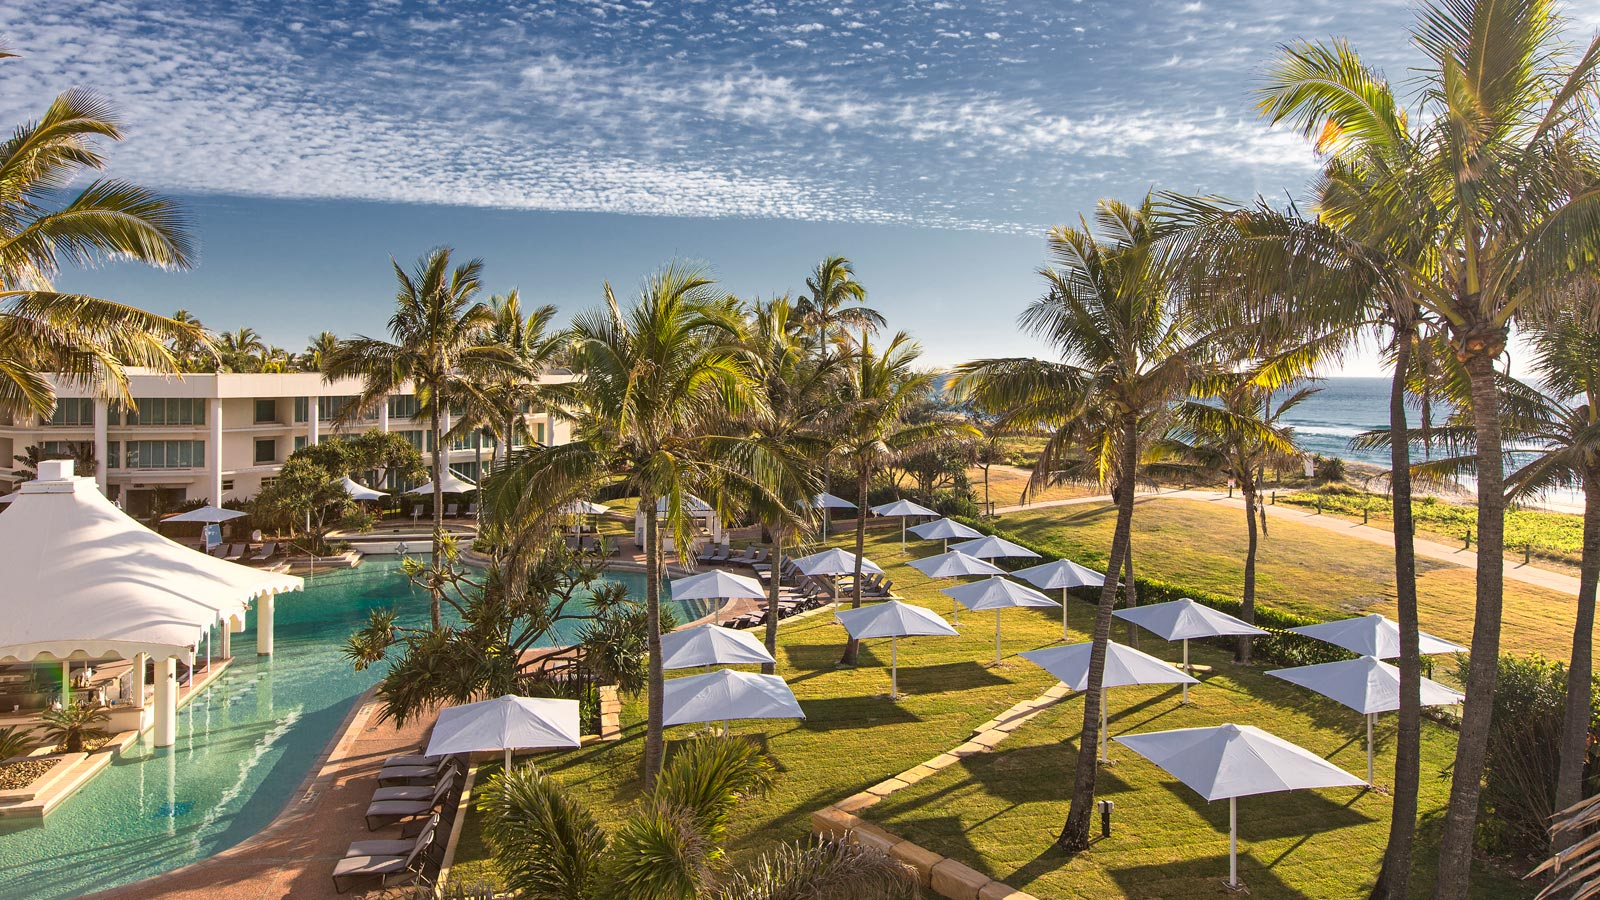 Oasis-Pool-Lawn-Aerial